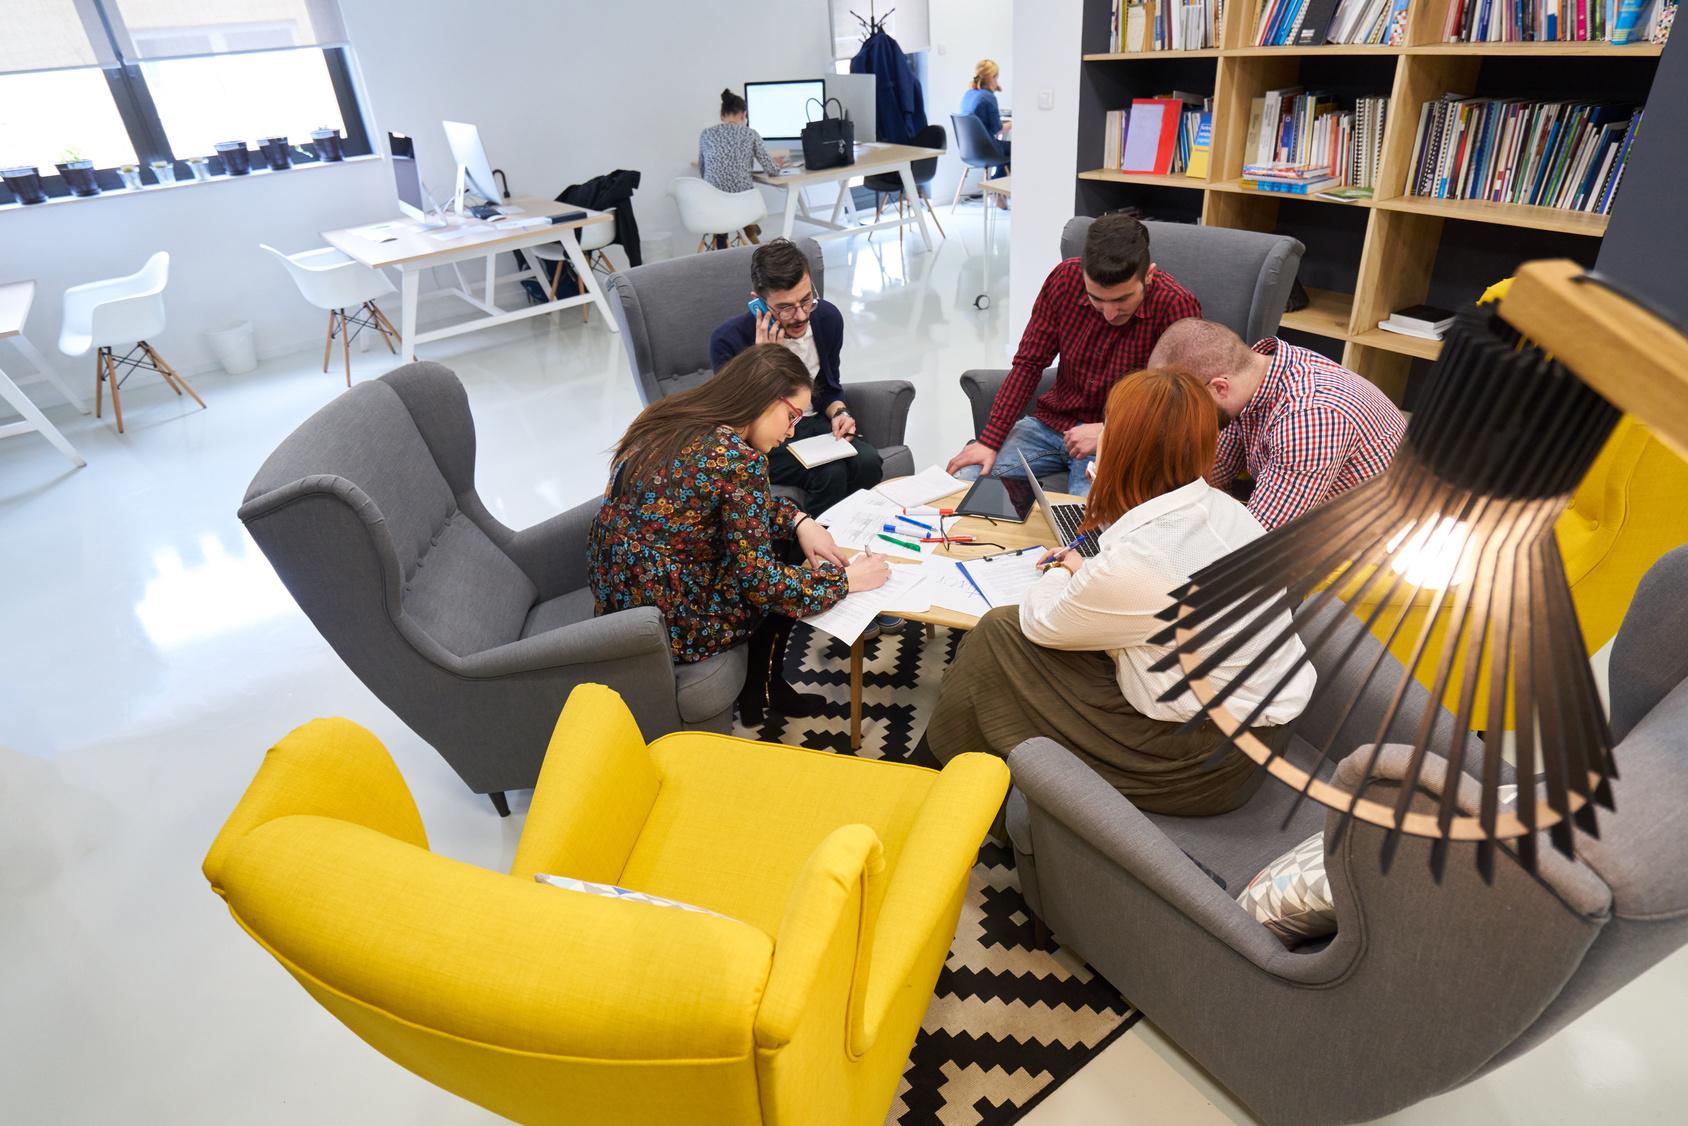 Metri Quadri Ufficio Persona : Lufficio fa spazio al benessere da residenza a esperienza